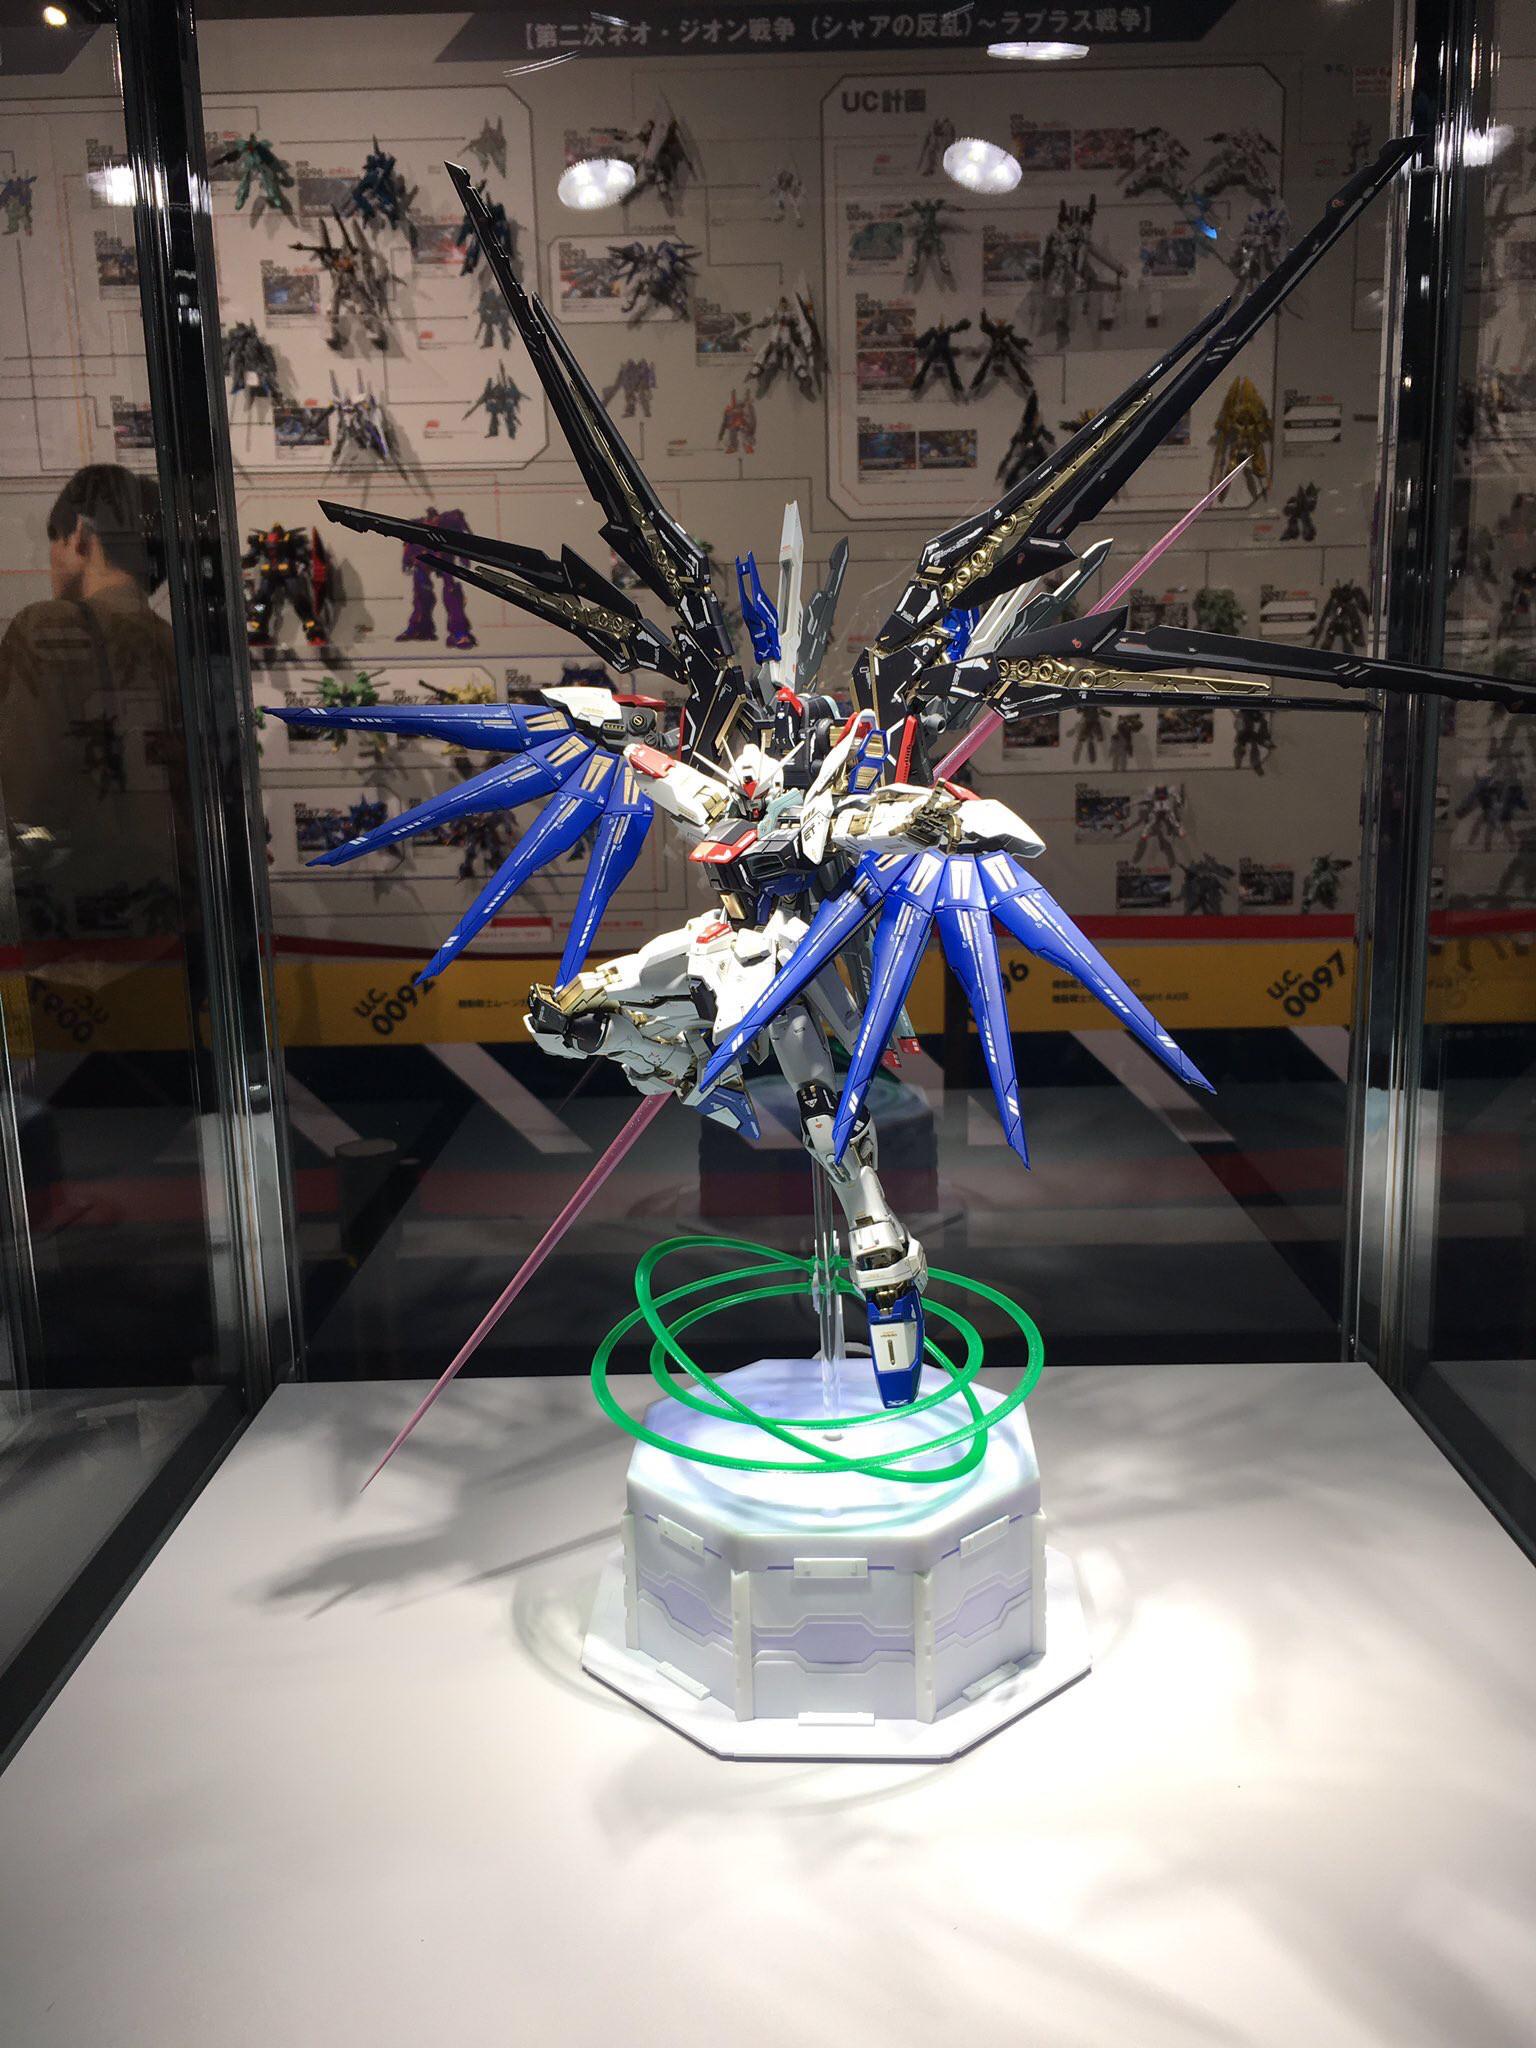 游戏资讯_2018日本最佳高达模型赛果揭晓 前三名机体长这样_3DM单机